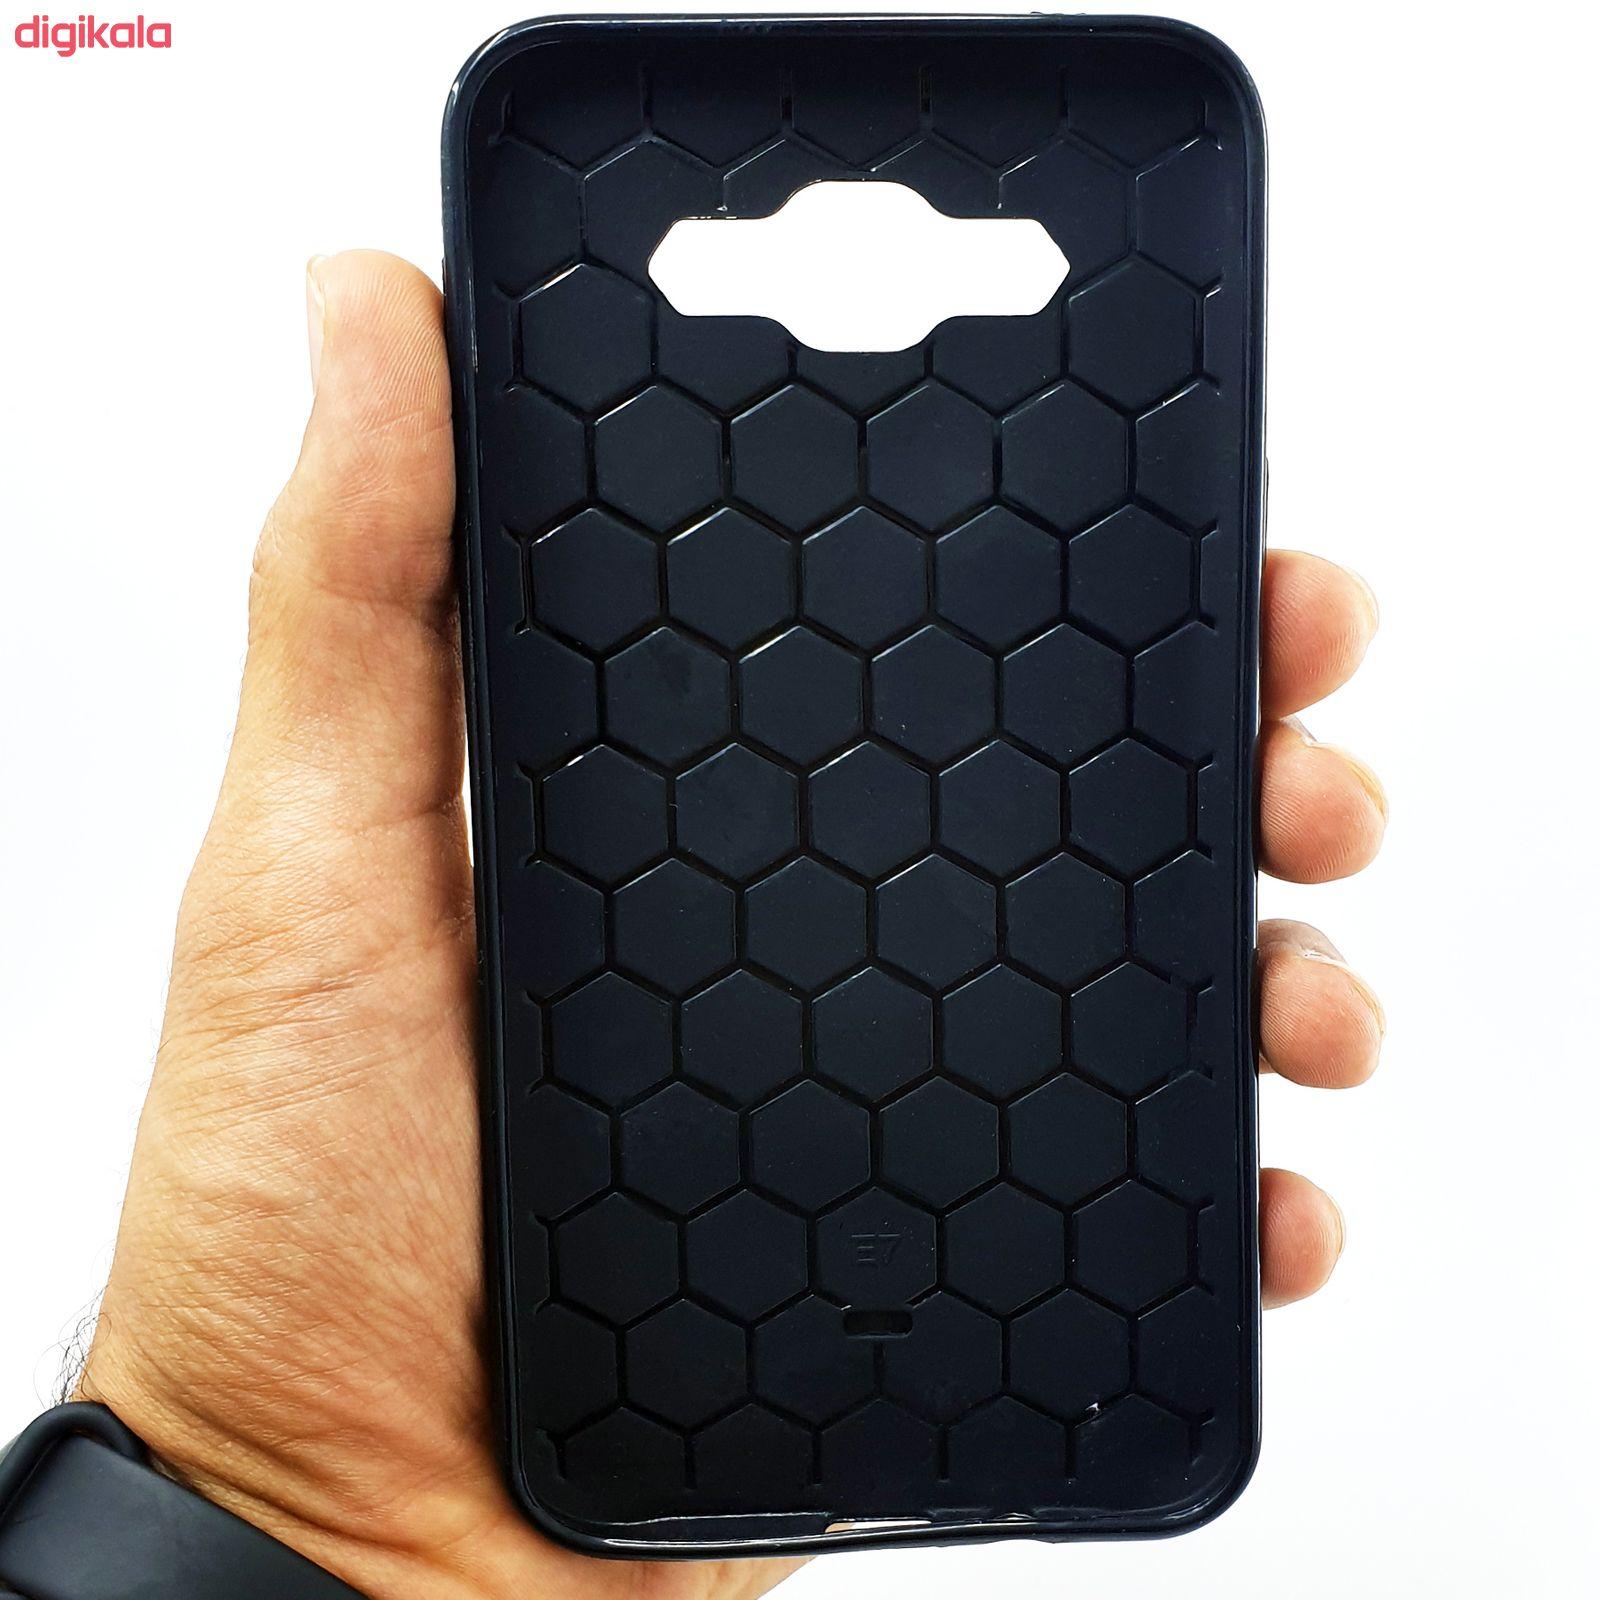 کاور مدل FC24 مناسب برای گوشی موبایل سامسونگ Galaxy E7 2015 / E700 main 1 3